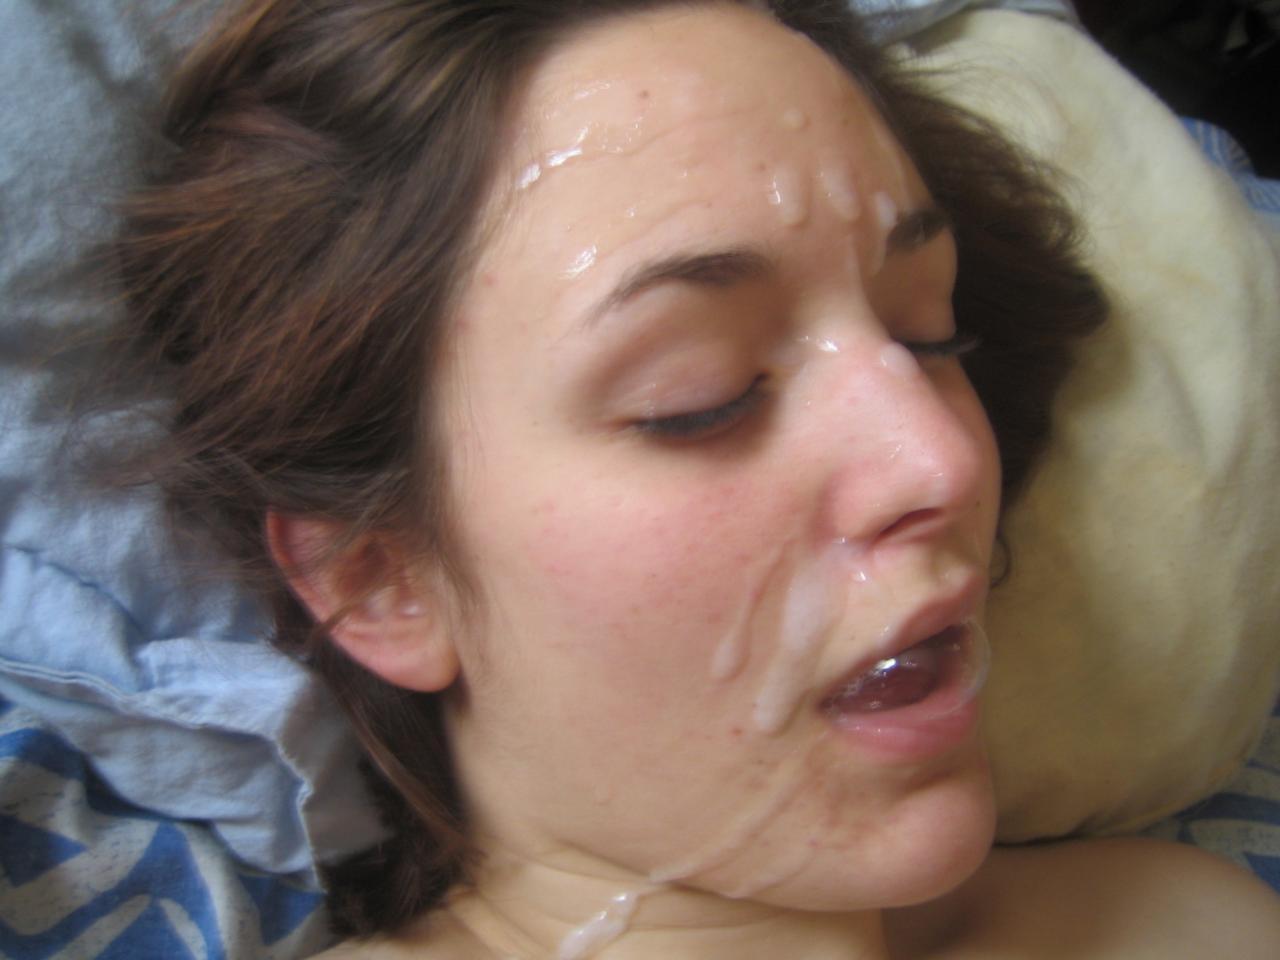 Trag dos putas soplar burbujas durante la succin